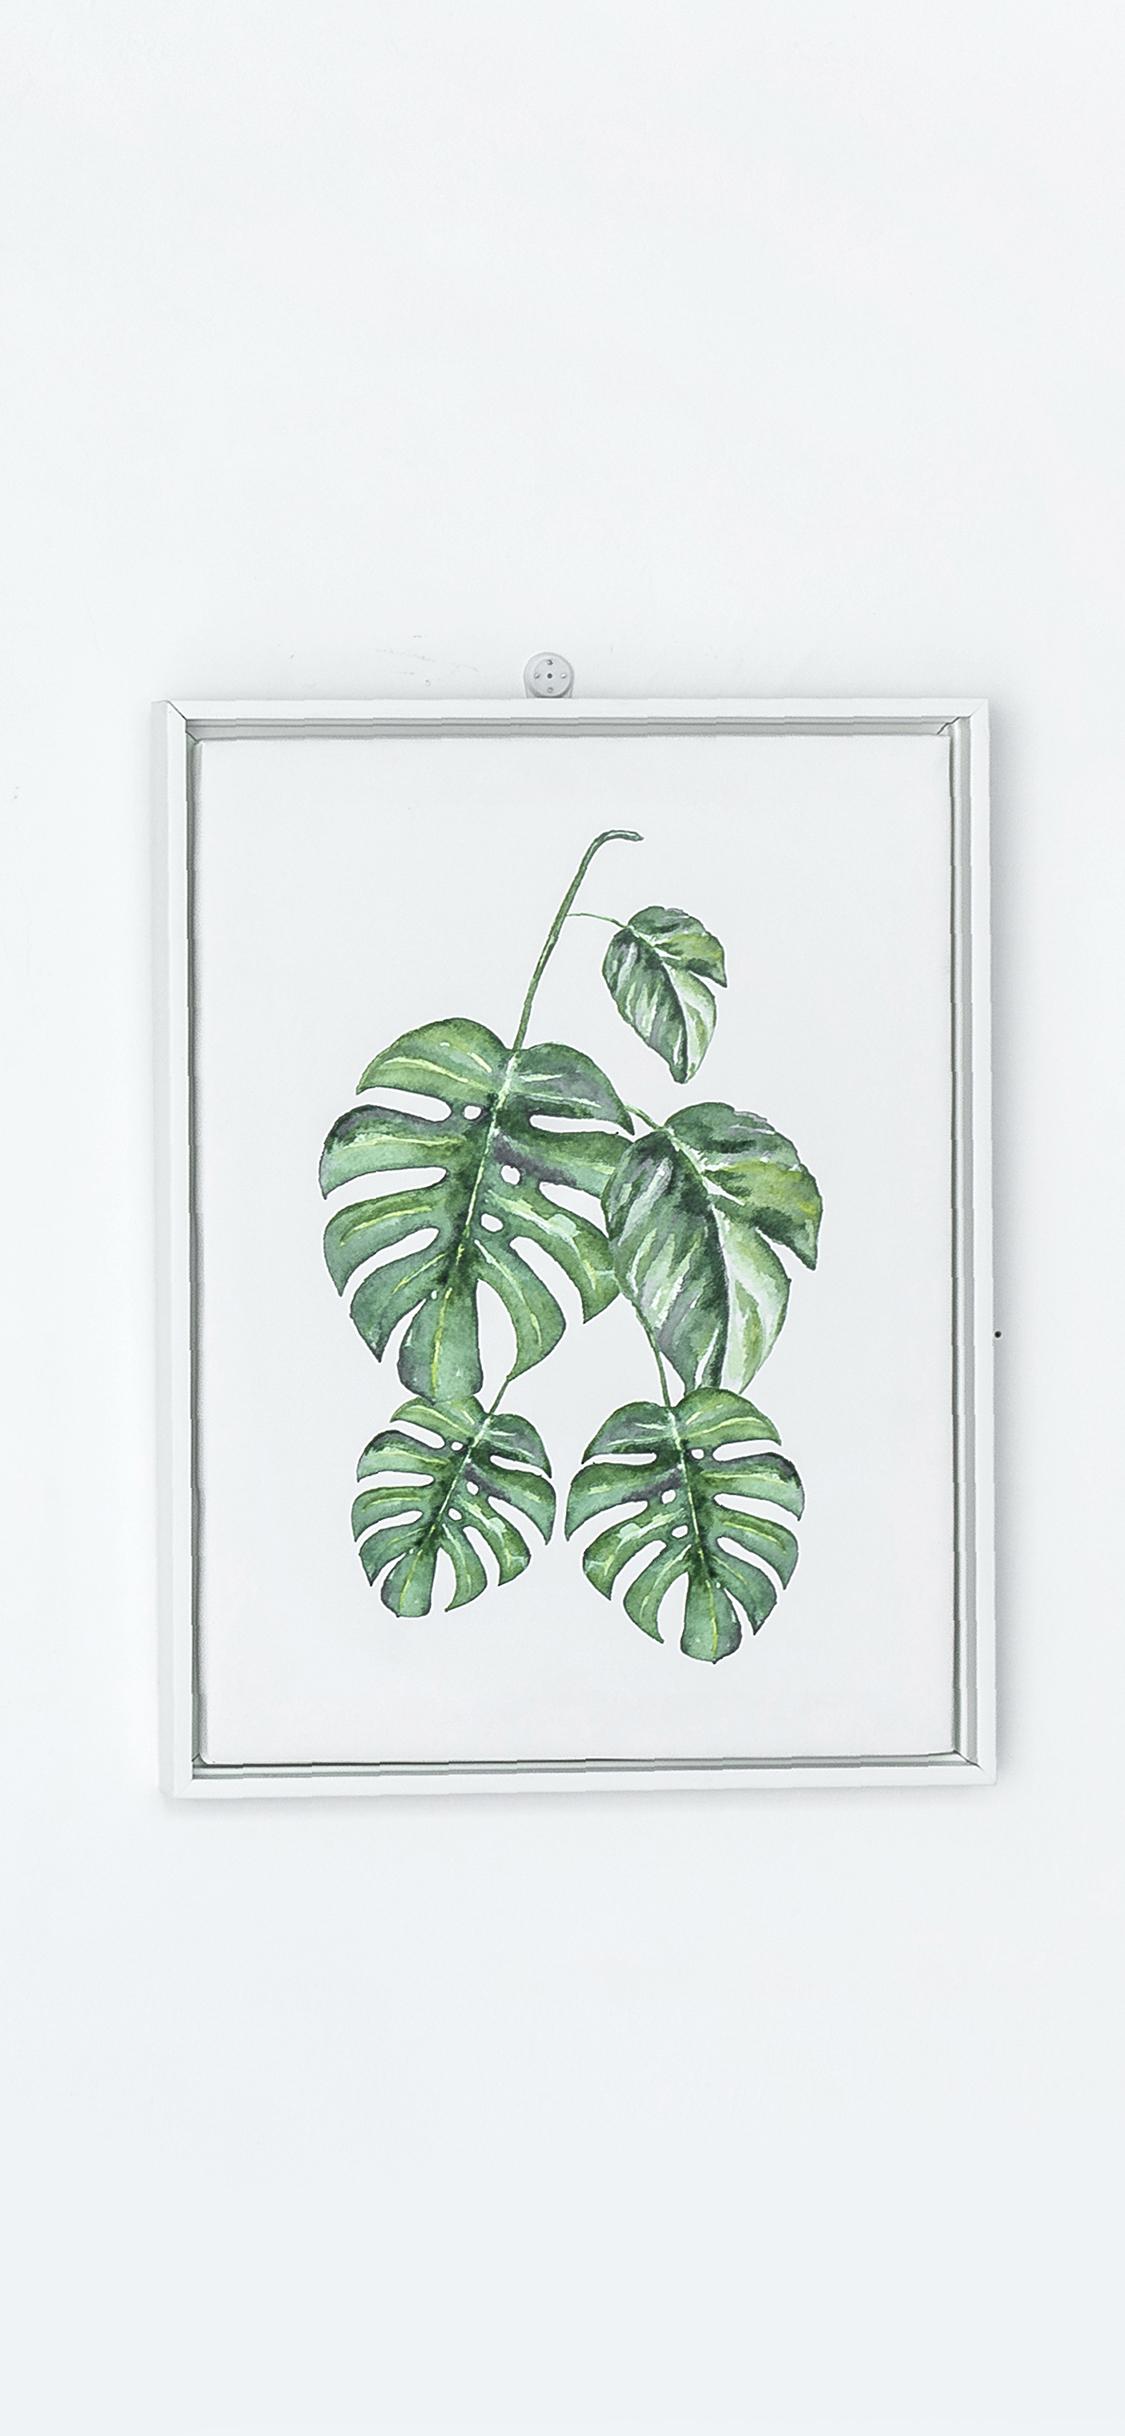 壁画 简约 龟背竹手绘 苹果手机高清壁纸 1125x2436